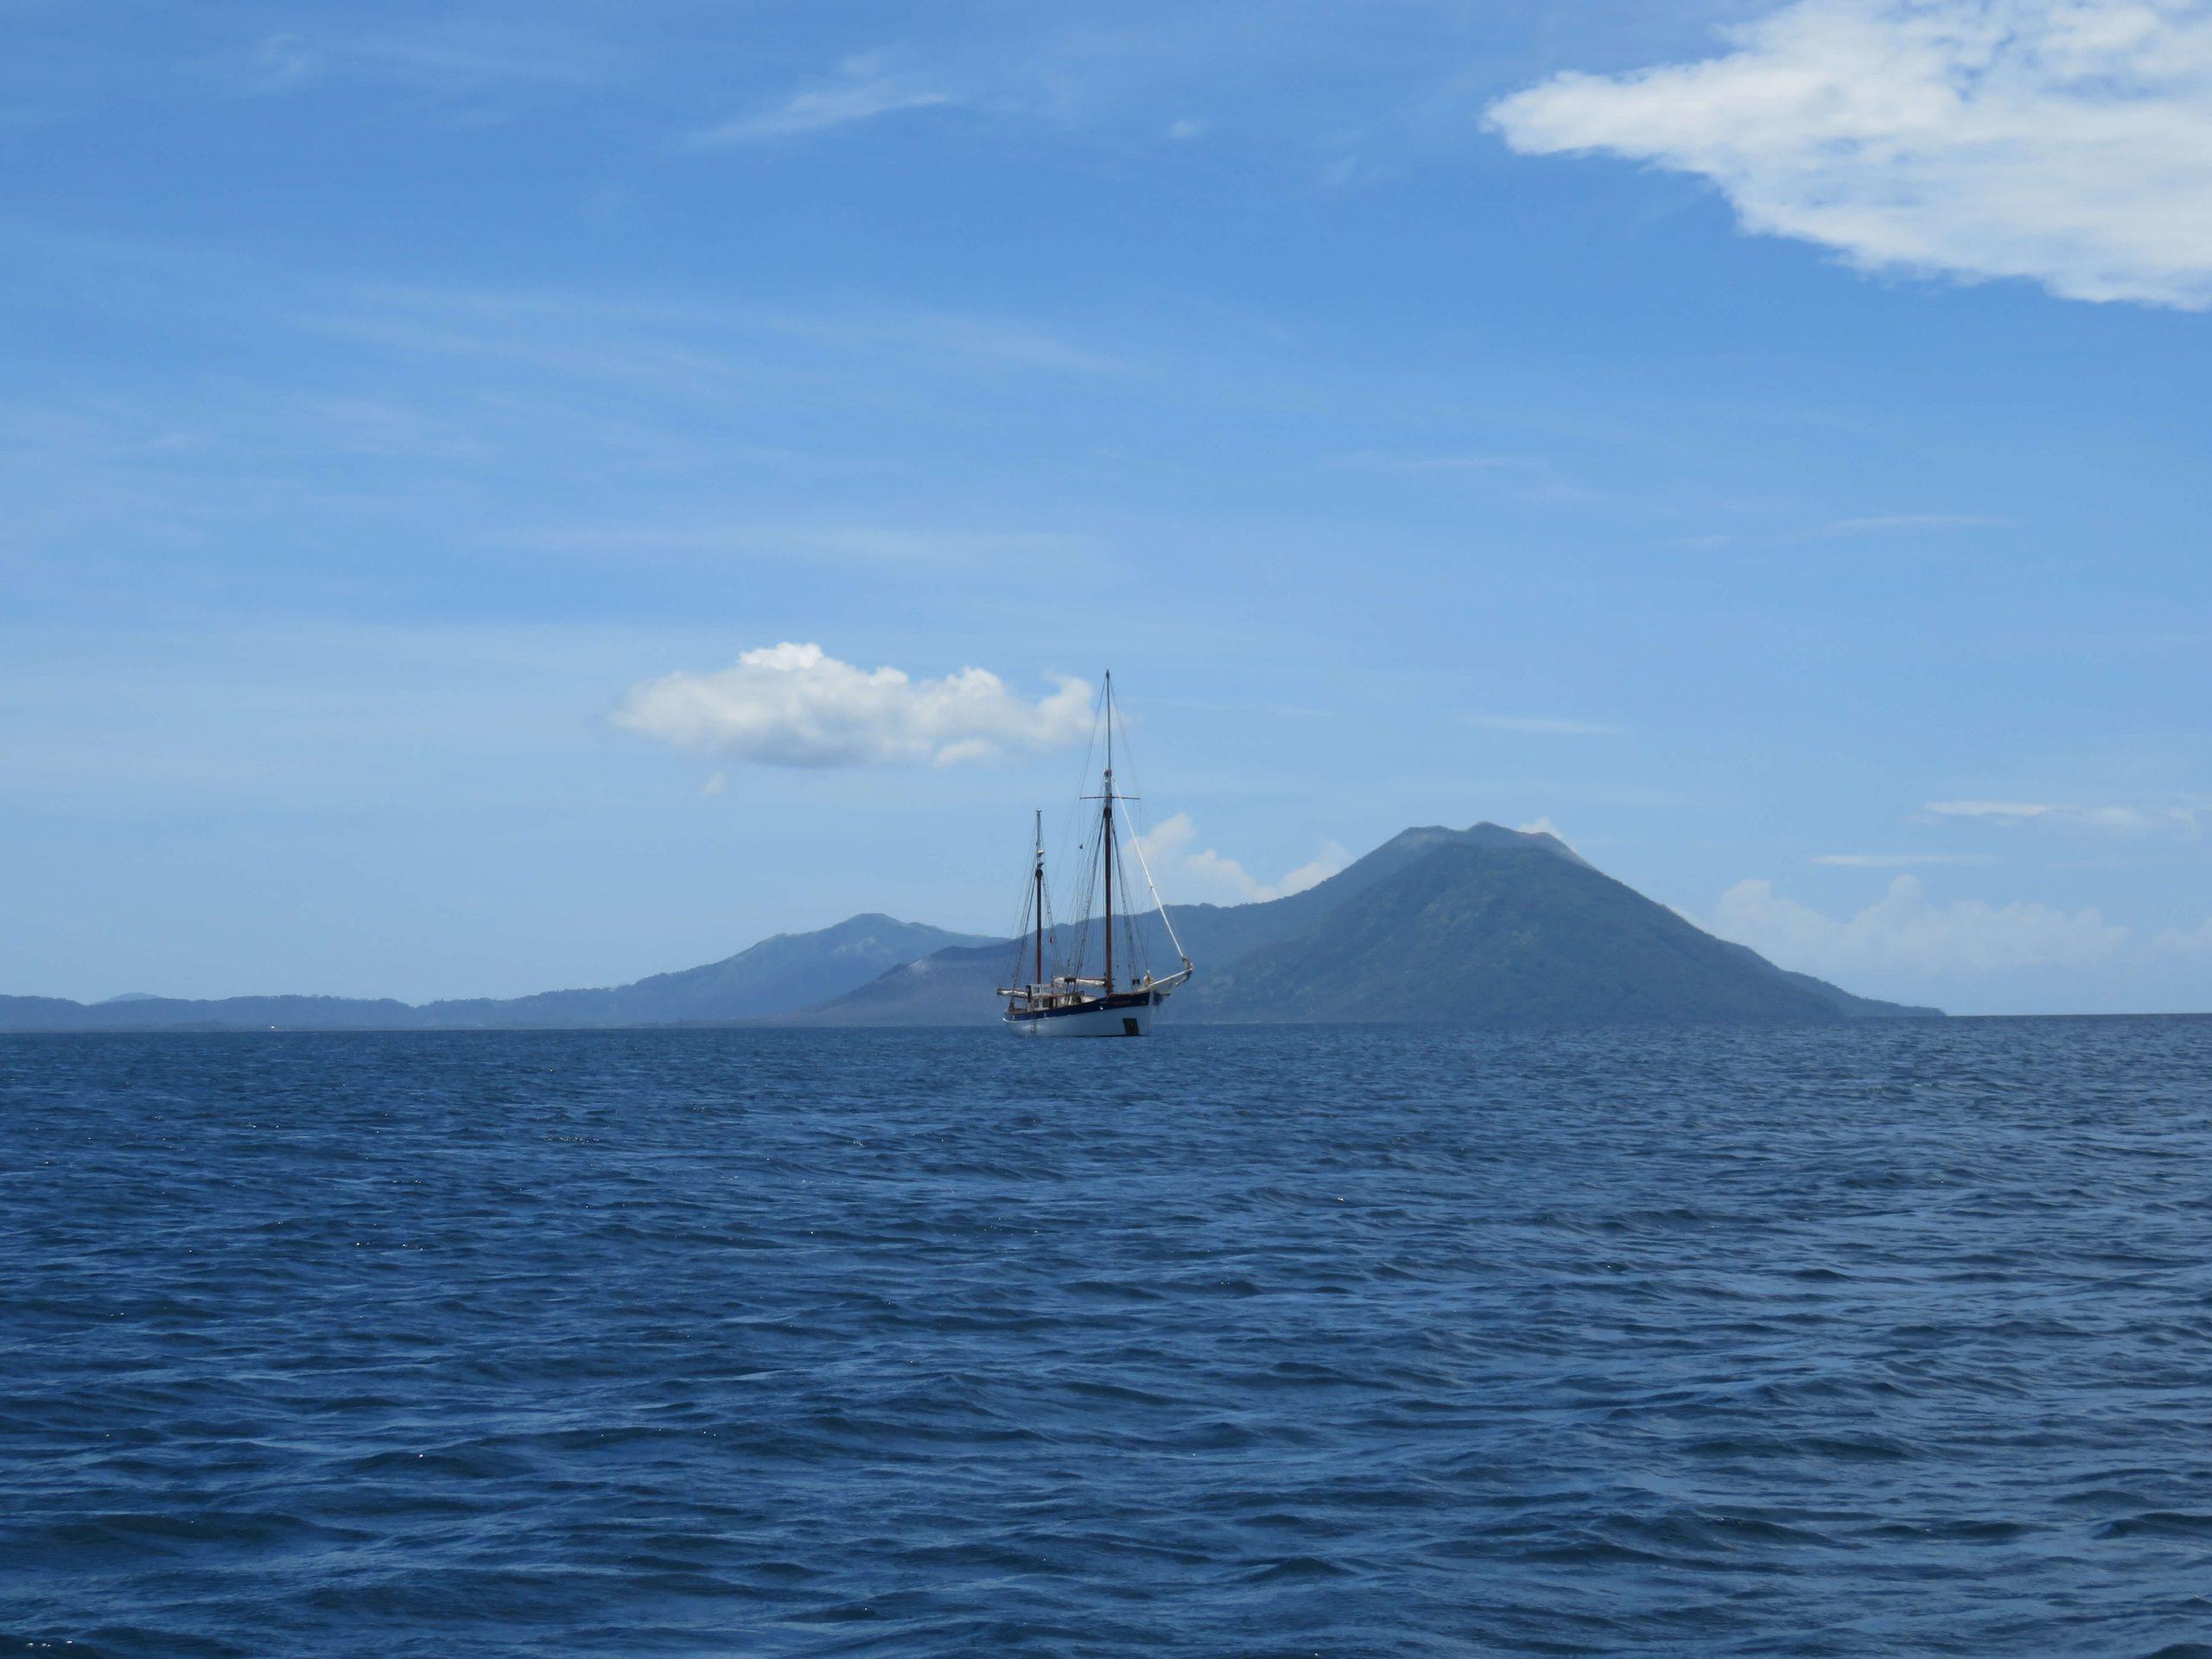 Near Rabaul